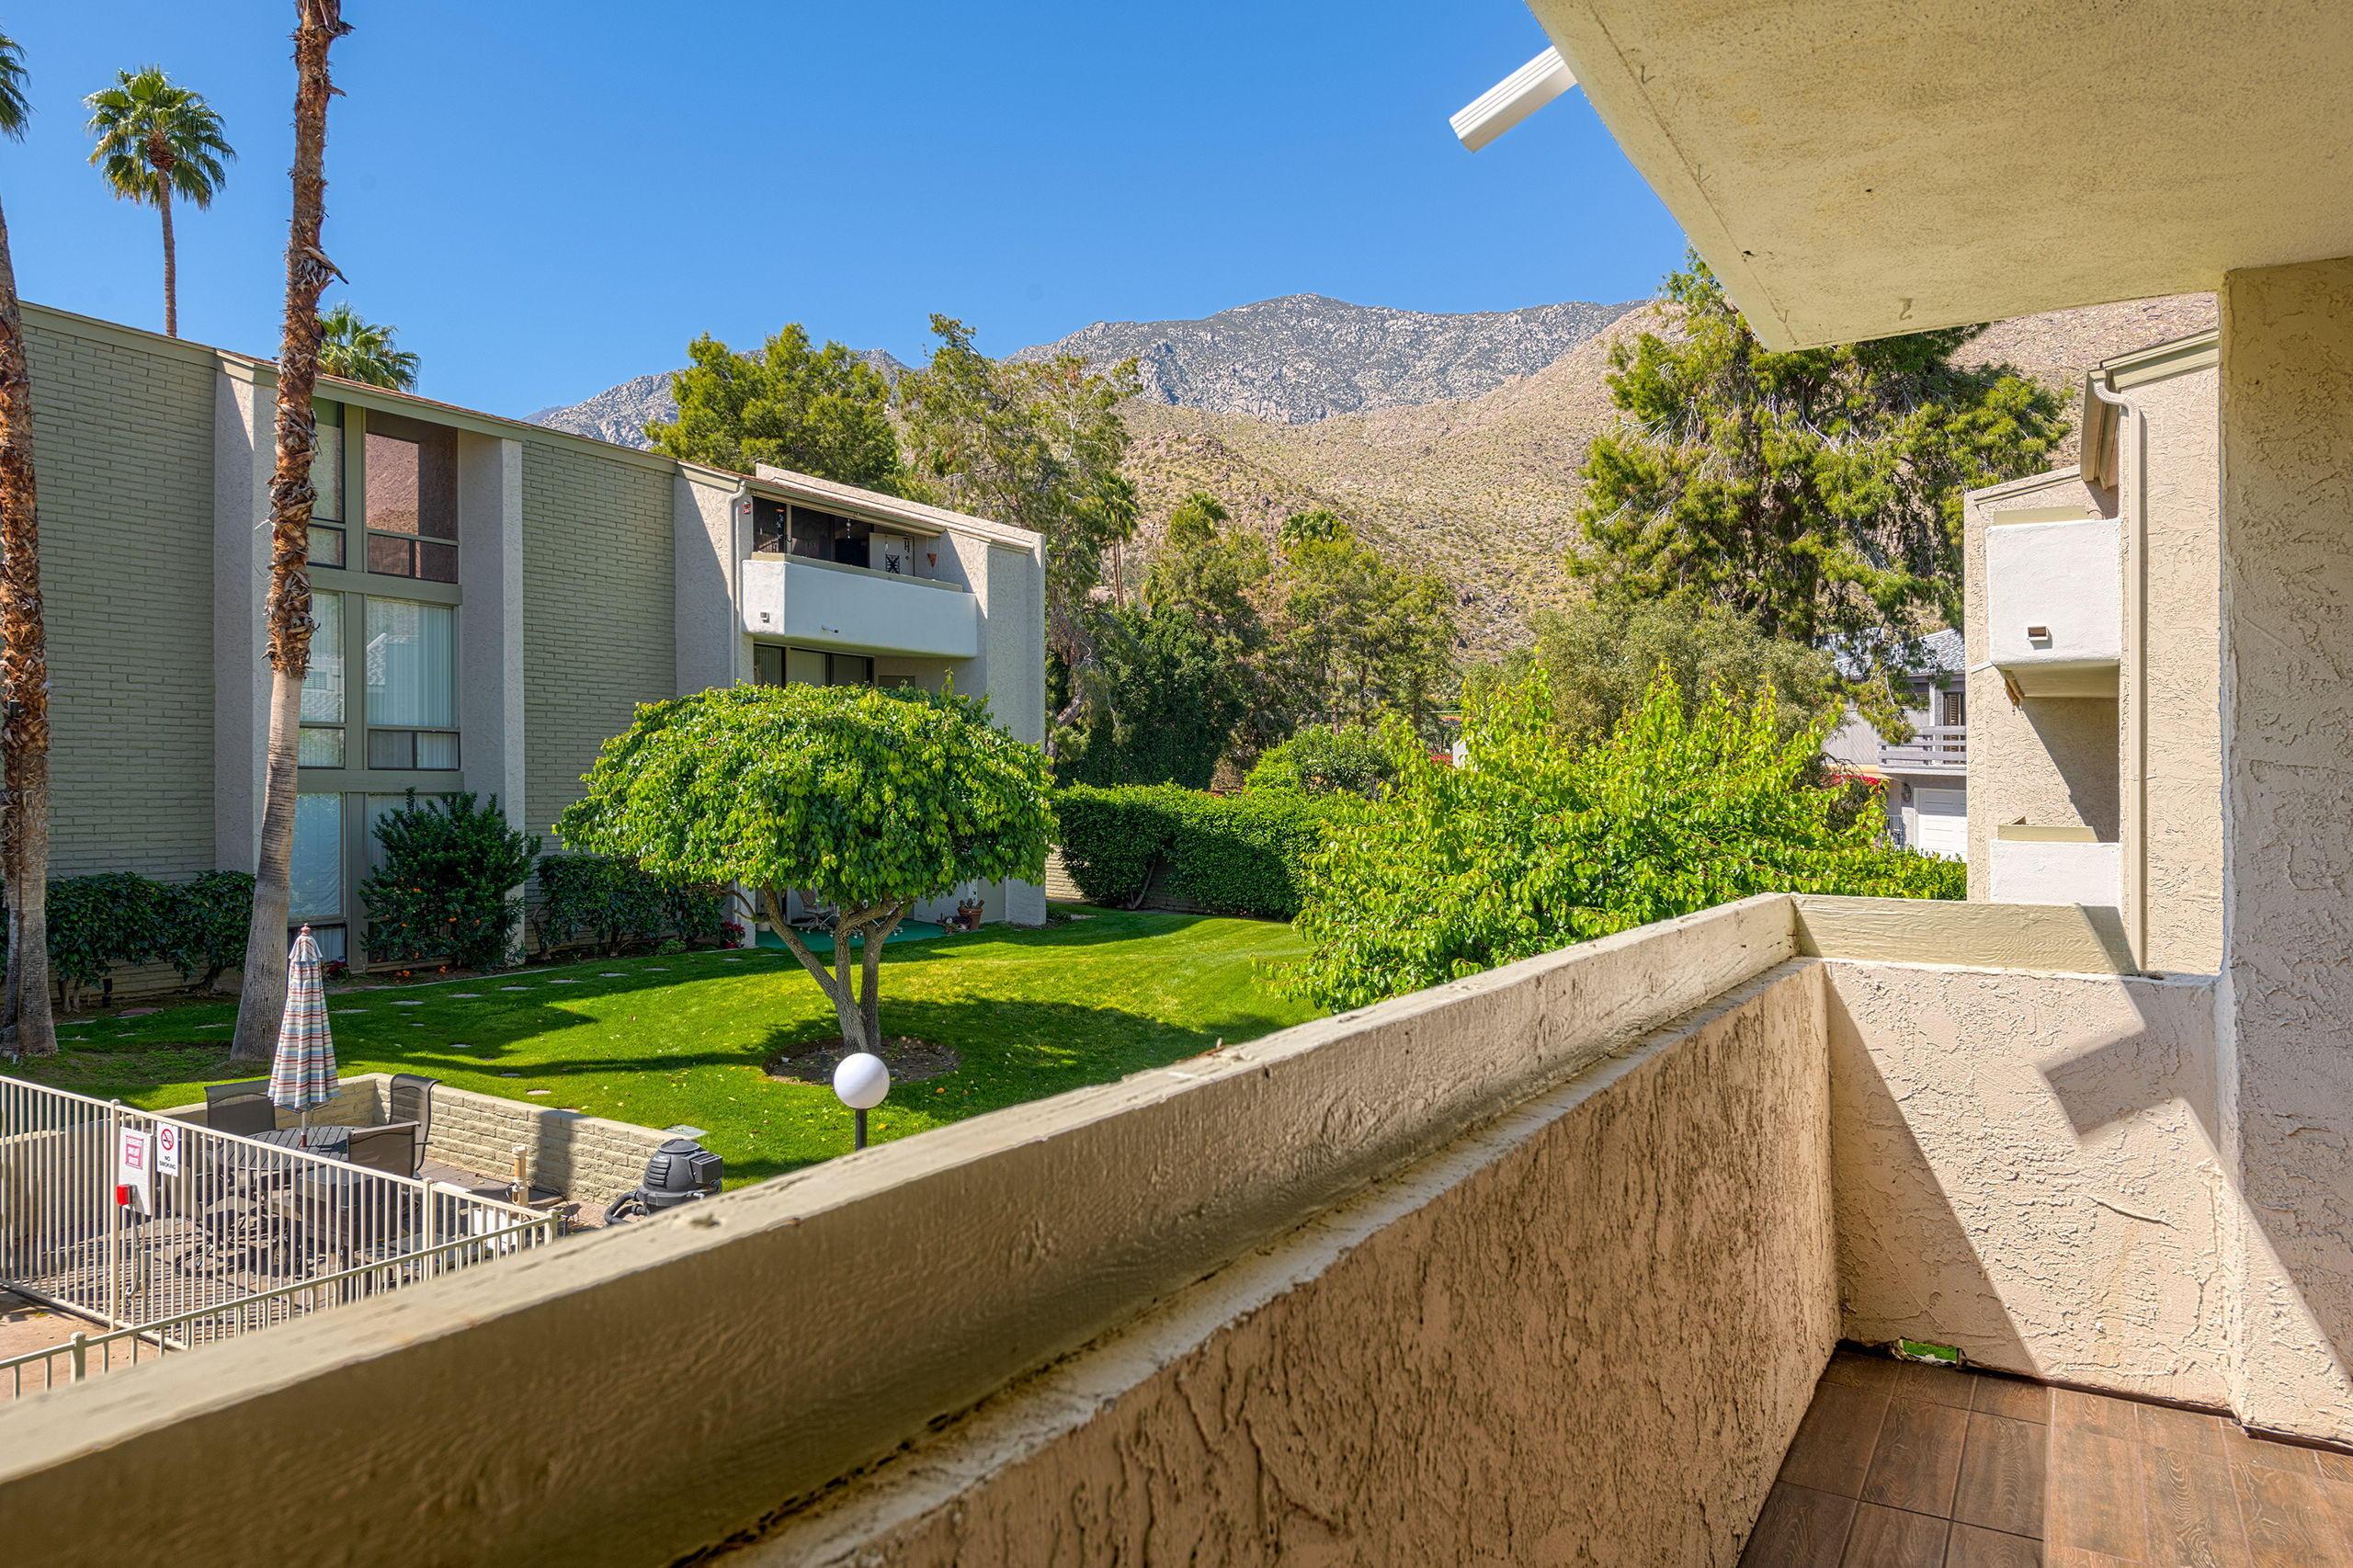 251 E La Verne Way, Palm Springs, California 92264, 2 Bedrooms Bedrooms, ,2 BathroomsBathrooms,Residential,For Sale,251 E La Verne Way,219041637